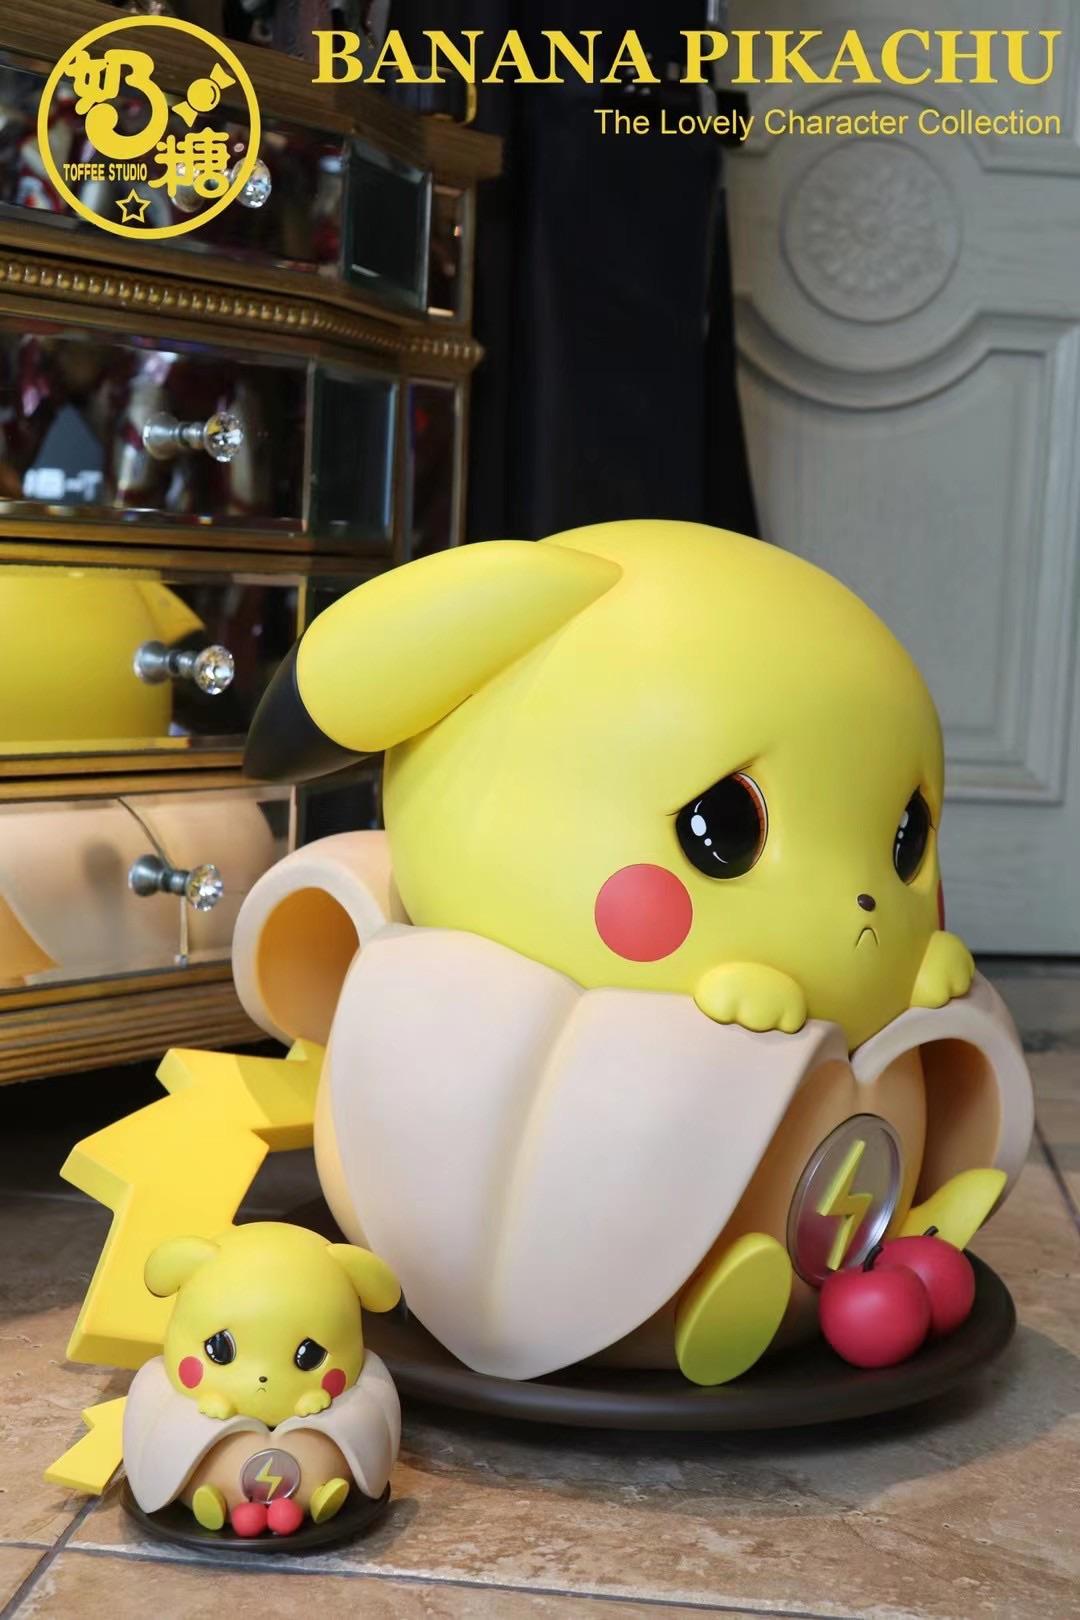 ตัวเล็ก Banana Pikachu ปิกาจู กล้วย by Toffee Studio (มัดจำ)